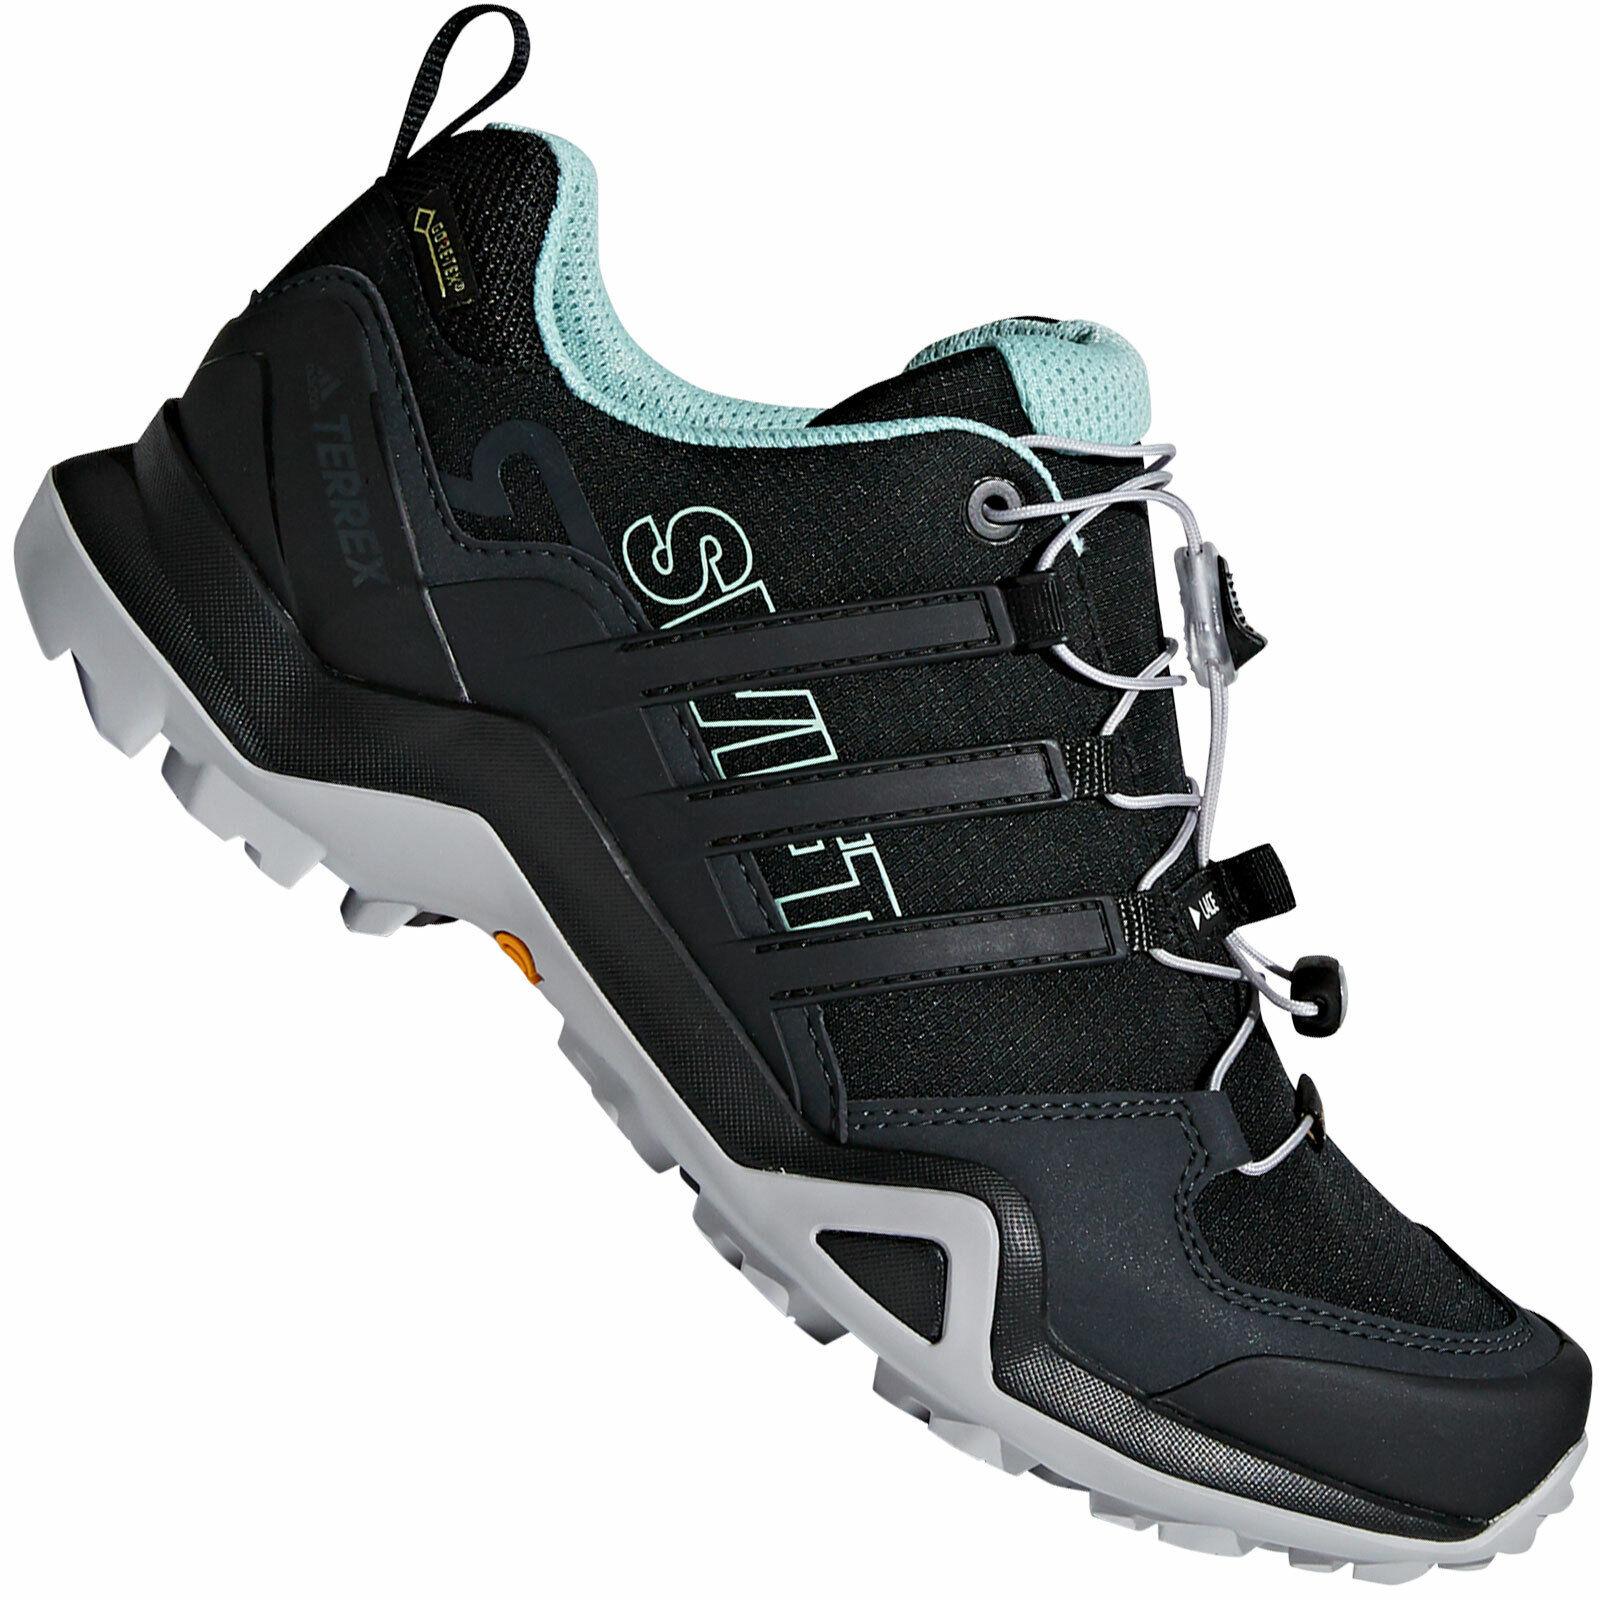 Adidas Performance Terrex Swift R2 GTX damen Schuhe Wanderschuhe